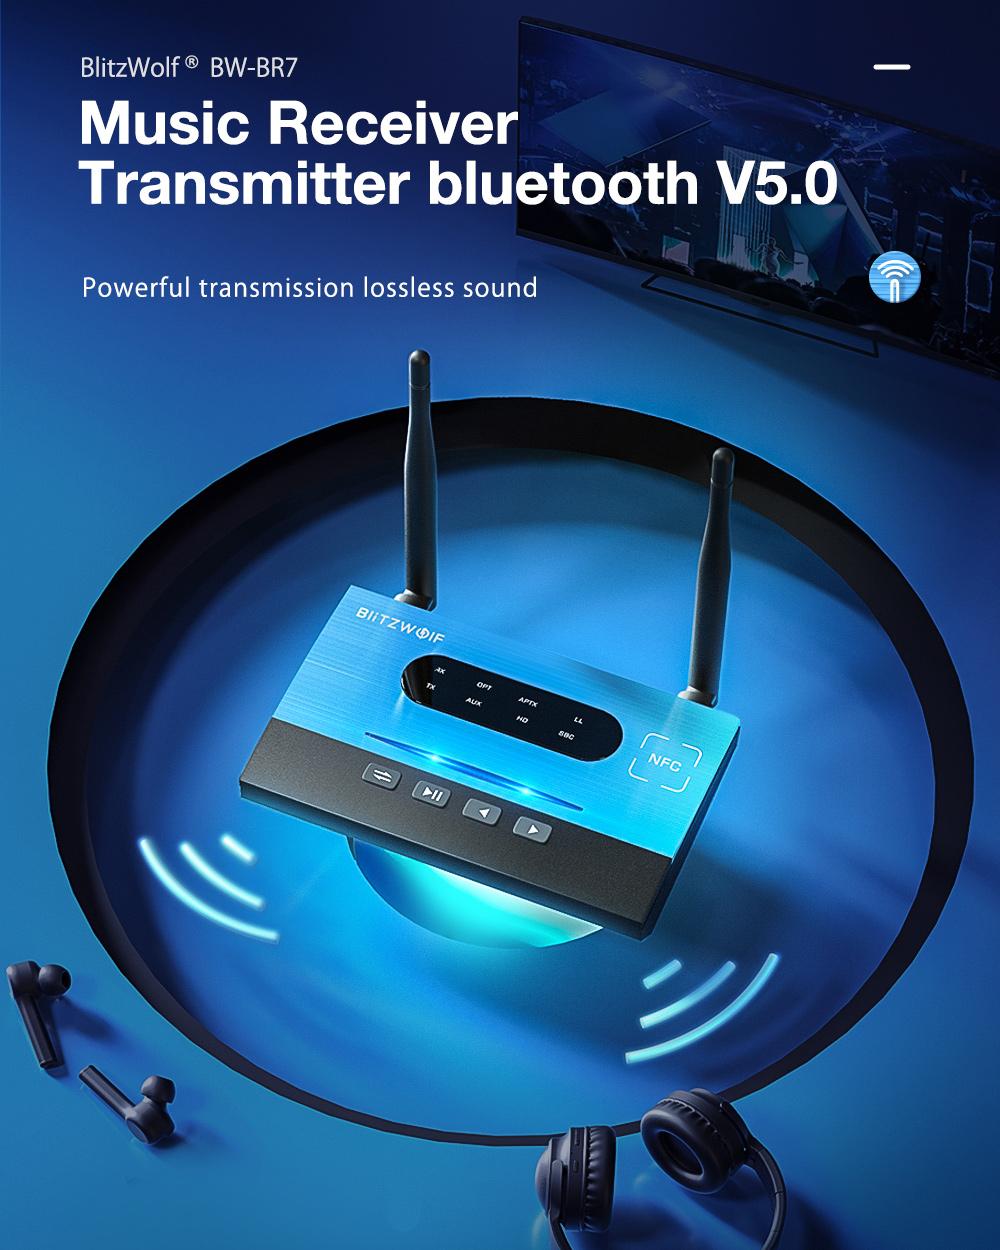 BlitzWolf BW-BR7 audio receiver